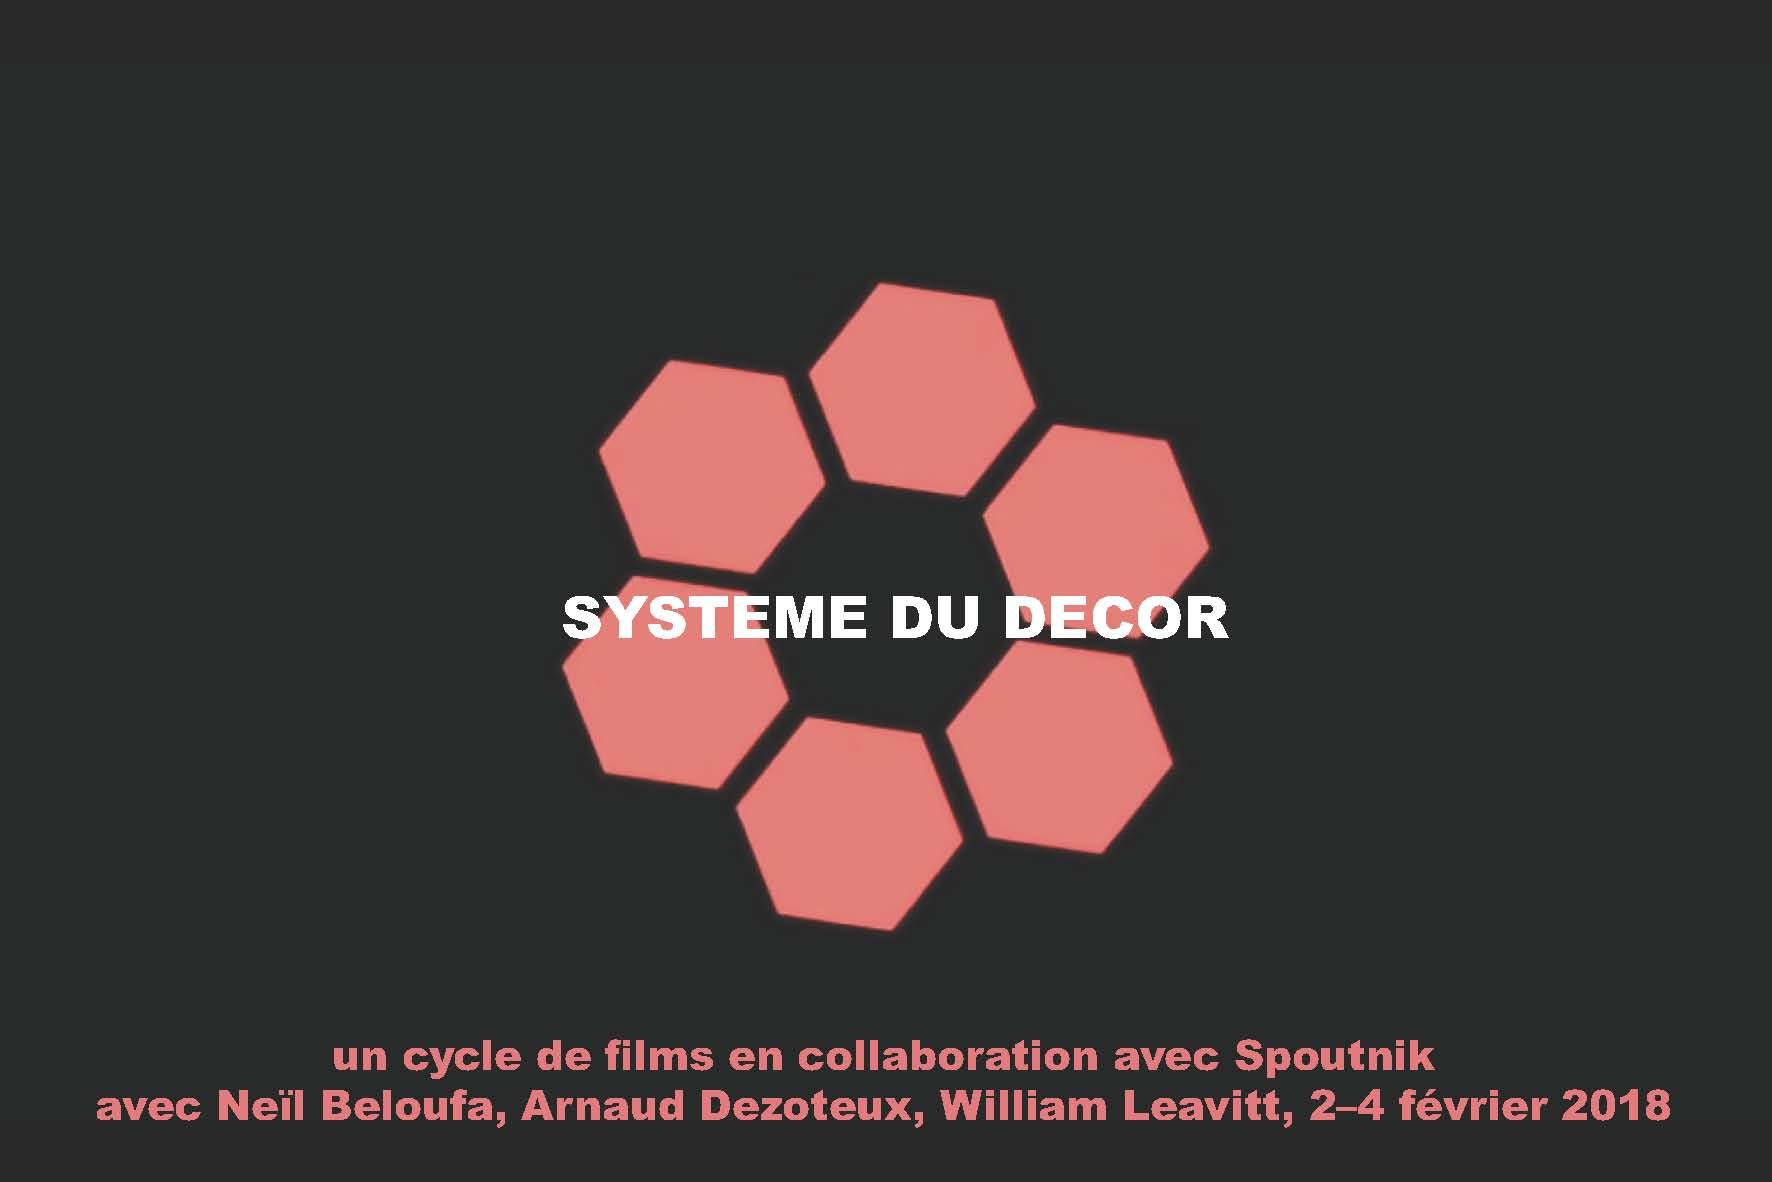 forde - flyer - Système du décor / Arnaud Dezoteux